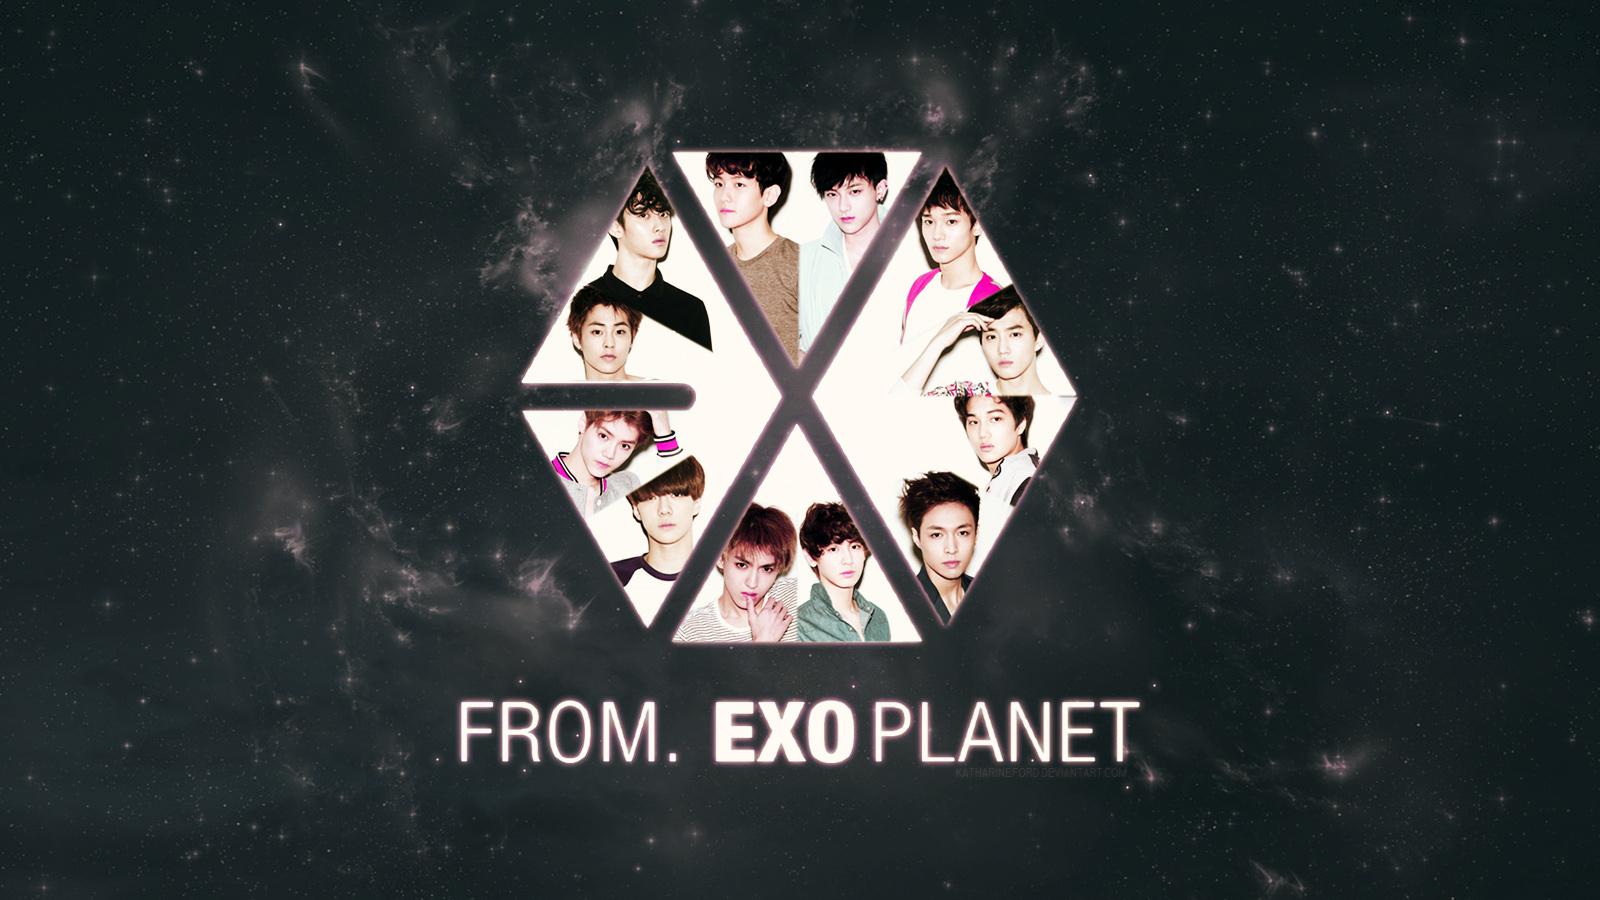 EXO EXO 1600x900